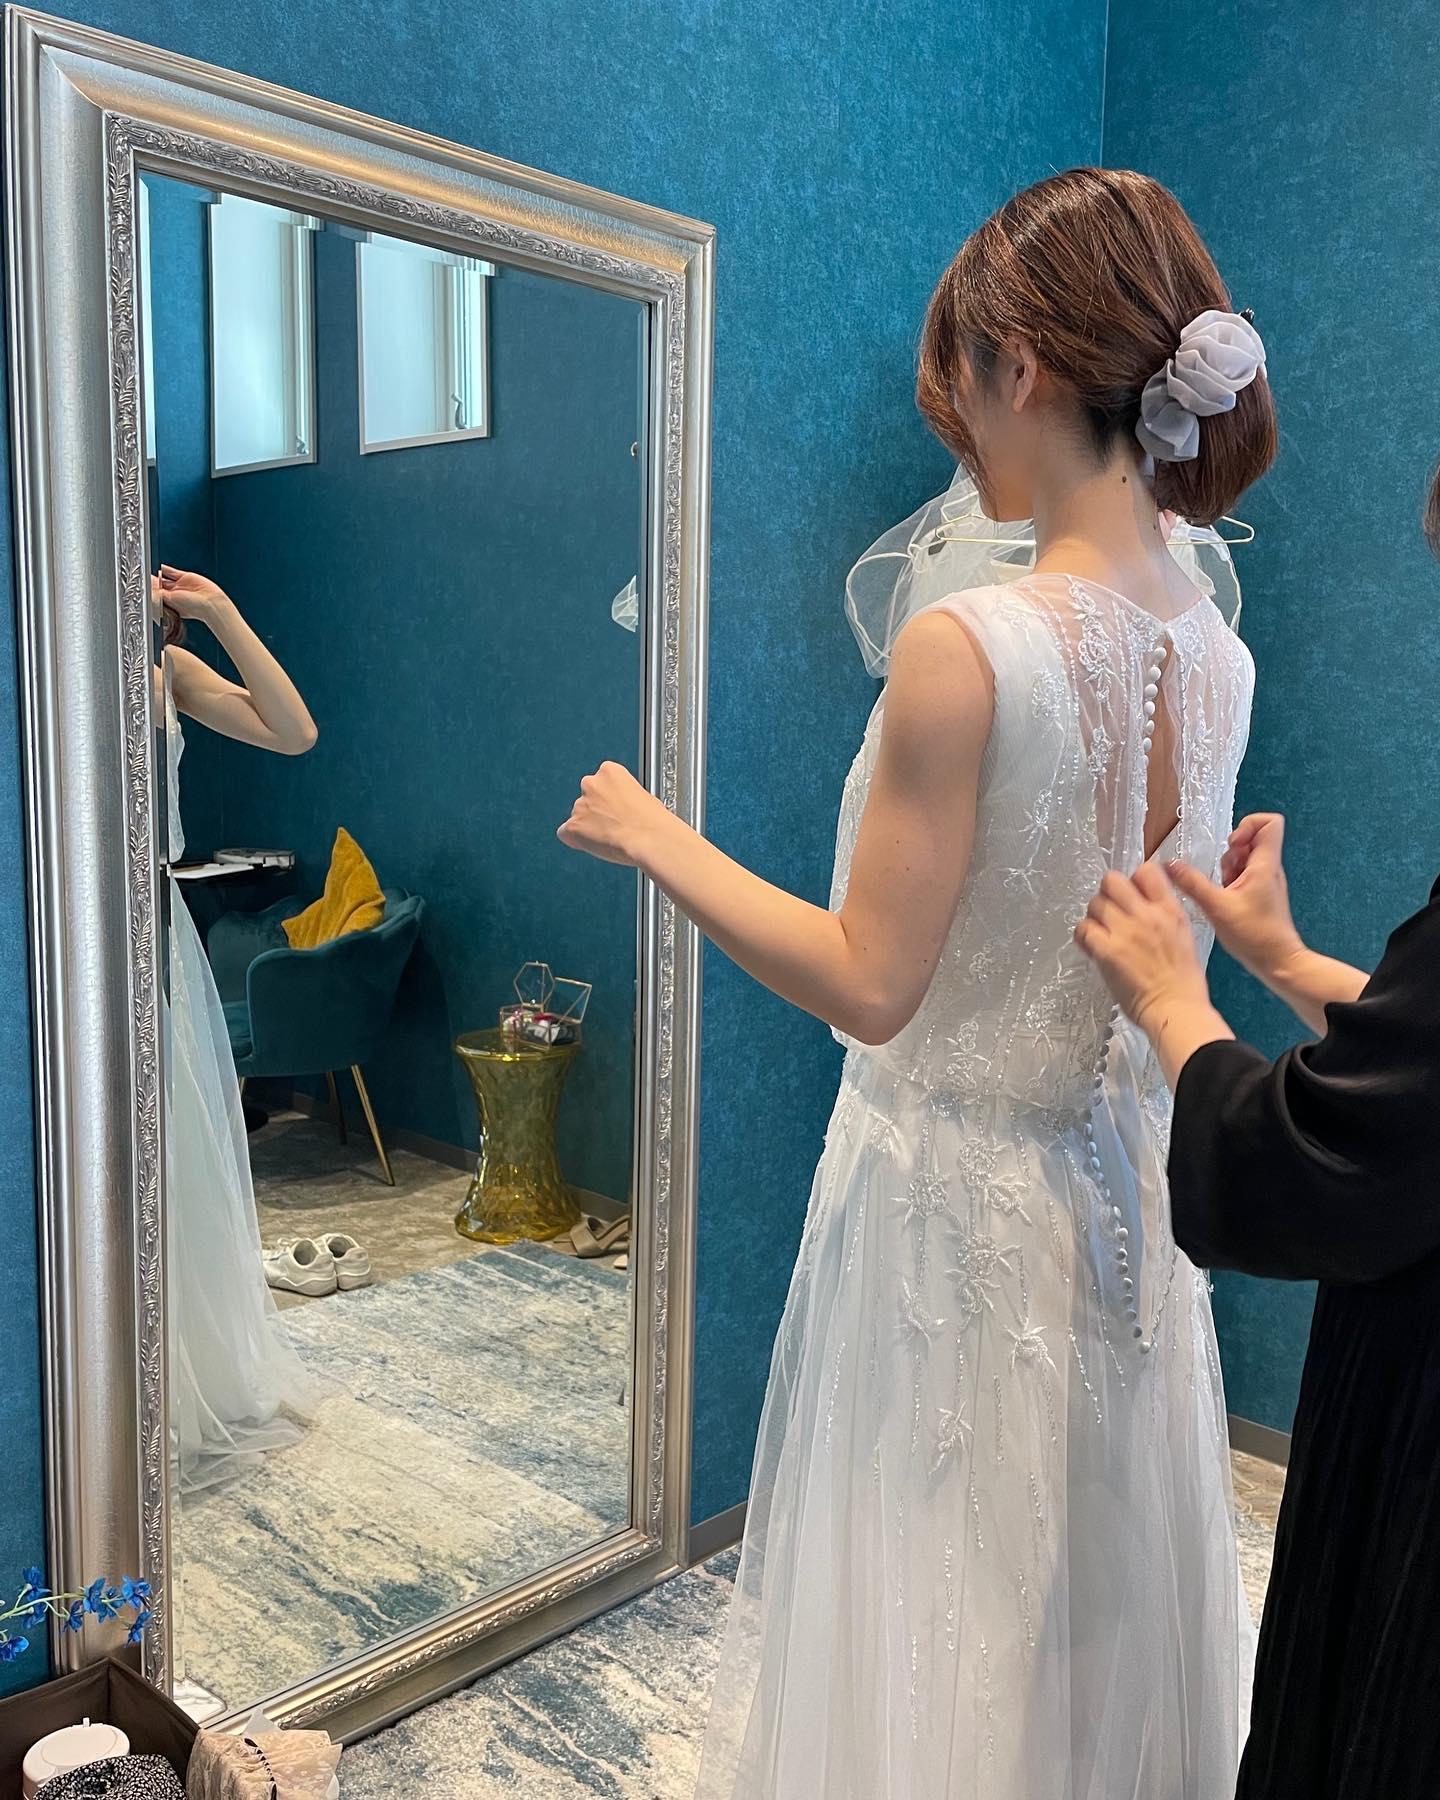 """・先日のご試着のお客様🕊・お持ちのdressにビジューが輝くオーバードレスをレイヤード🤍・一着のドレスを沢山のアレンジで楽しんで・""""over dress""""購入価格:¥90,000・#wedding #weddingdress #instagood #instalike #claras #paris #ellemariage #ウェディングドレス #プレ花嫁 #ドレス試着 #ドレス迷子#2021冬婚 #ヘアメイク #結婚式  #ドレス選び #前撮り #インポートドレス #フォトウェディング #ウェディングヘア  #フォト婚 #ニューノーマル #ブライダルフォト #カップルフォト #ウェディングドレス探し #ウェディングドレス試着 #セルドレス #ドレスショップ  #エルマリアージュ #オーバードレス"""